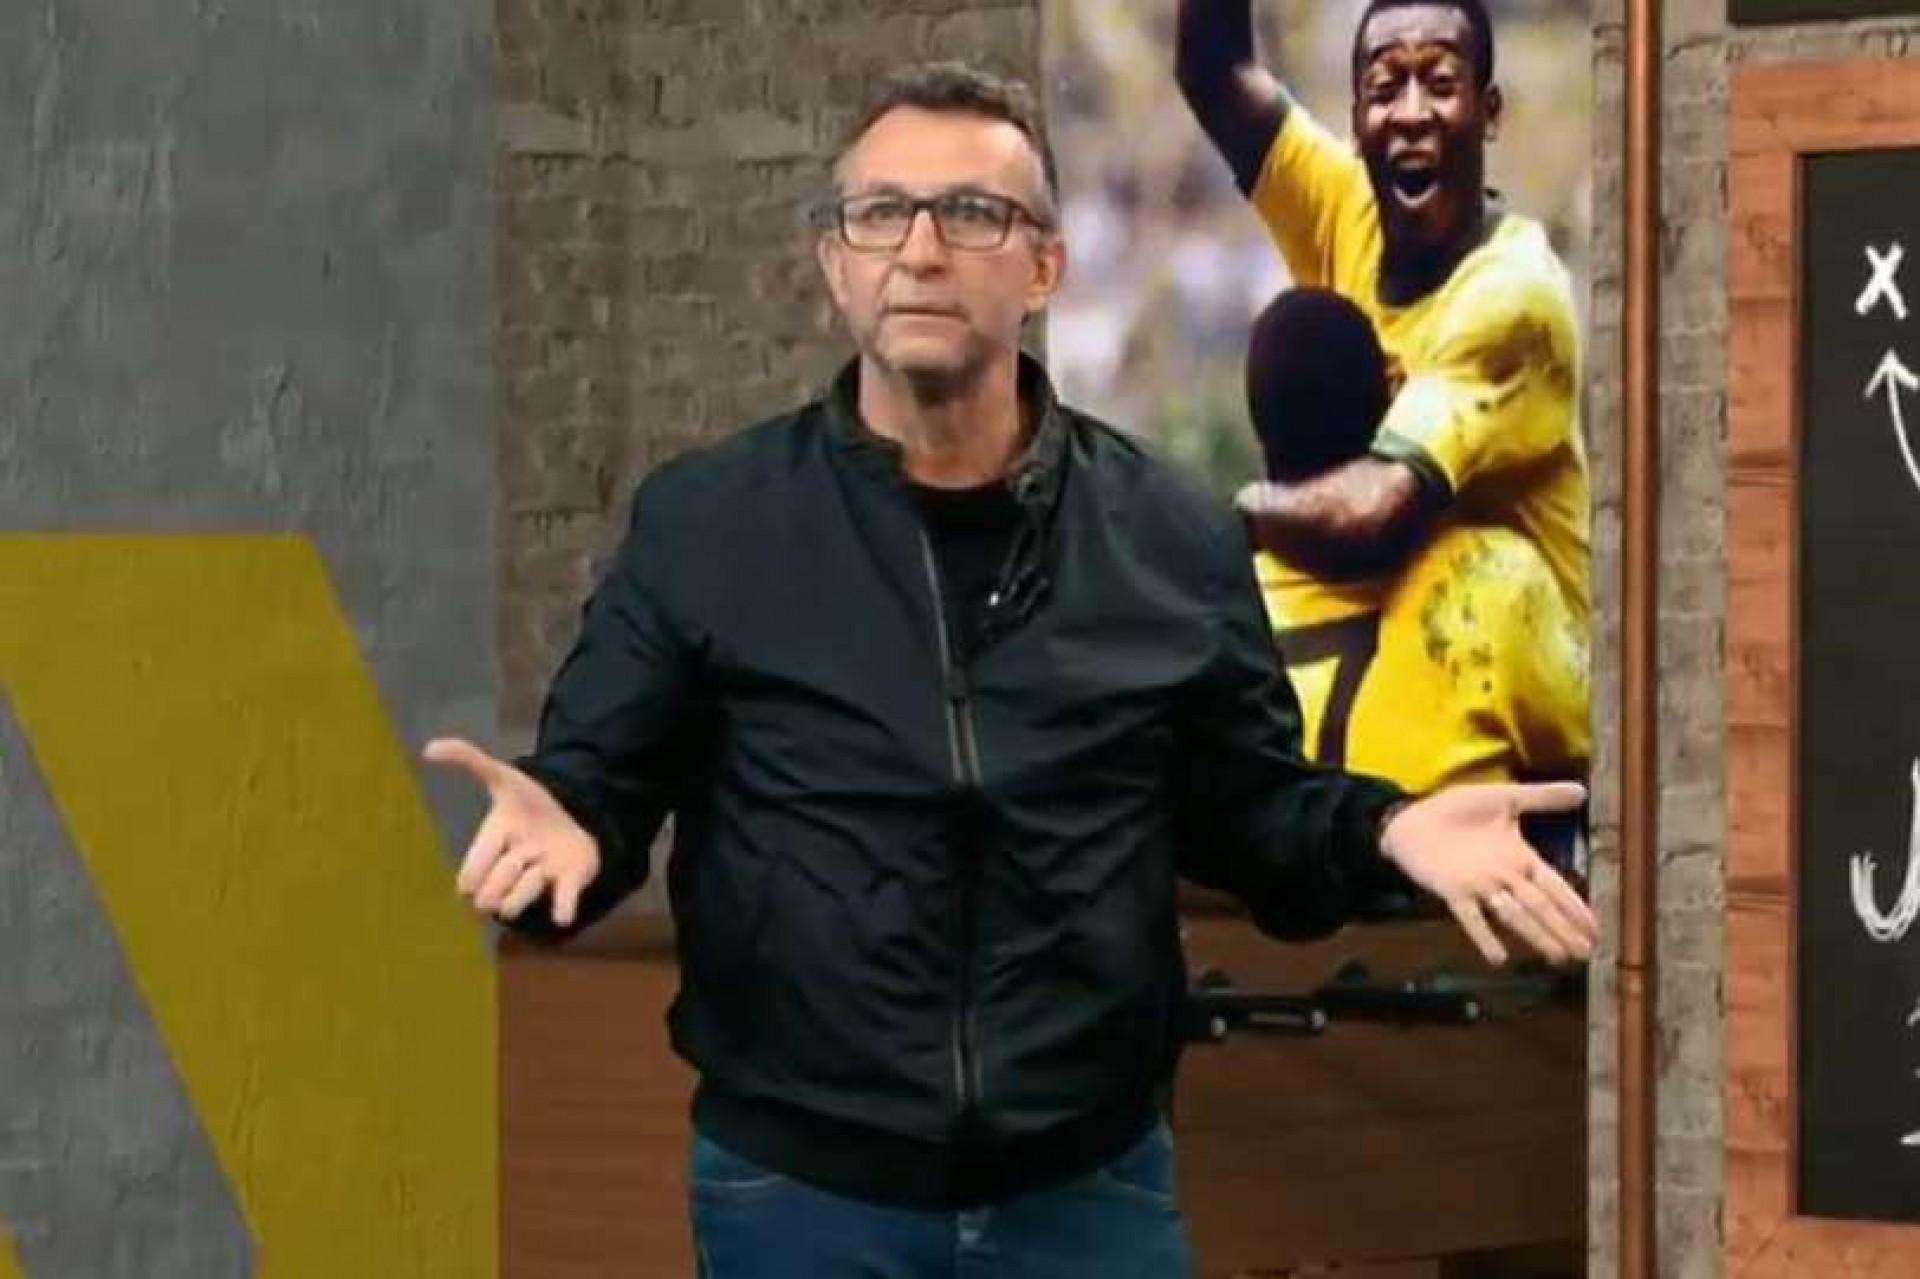 Neto detona Tite por ausência de jogador do Flamengo em convocação: 'Continua fazendo asneiras'